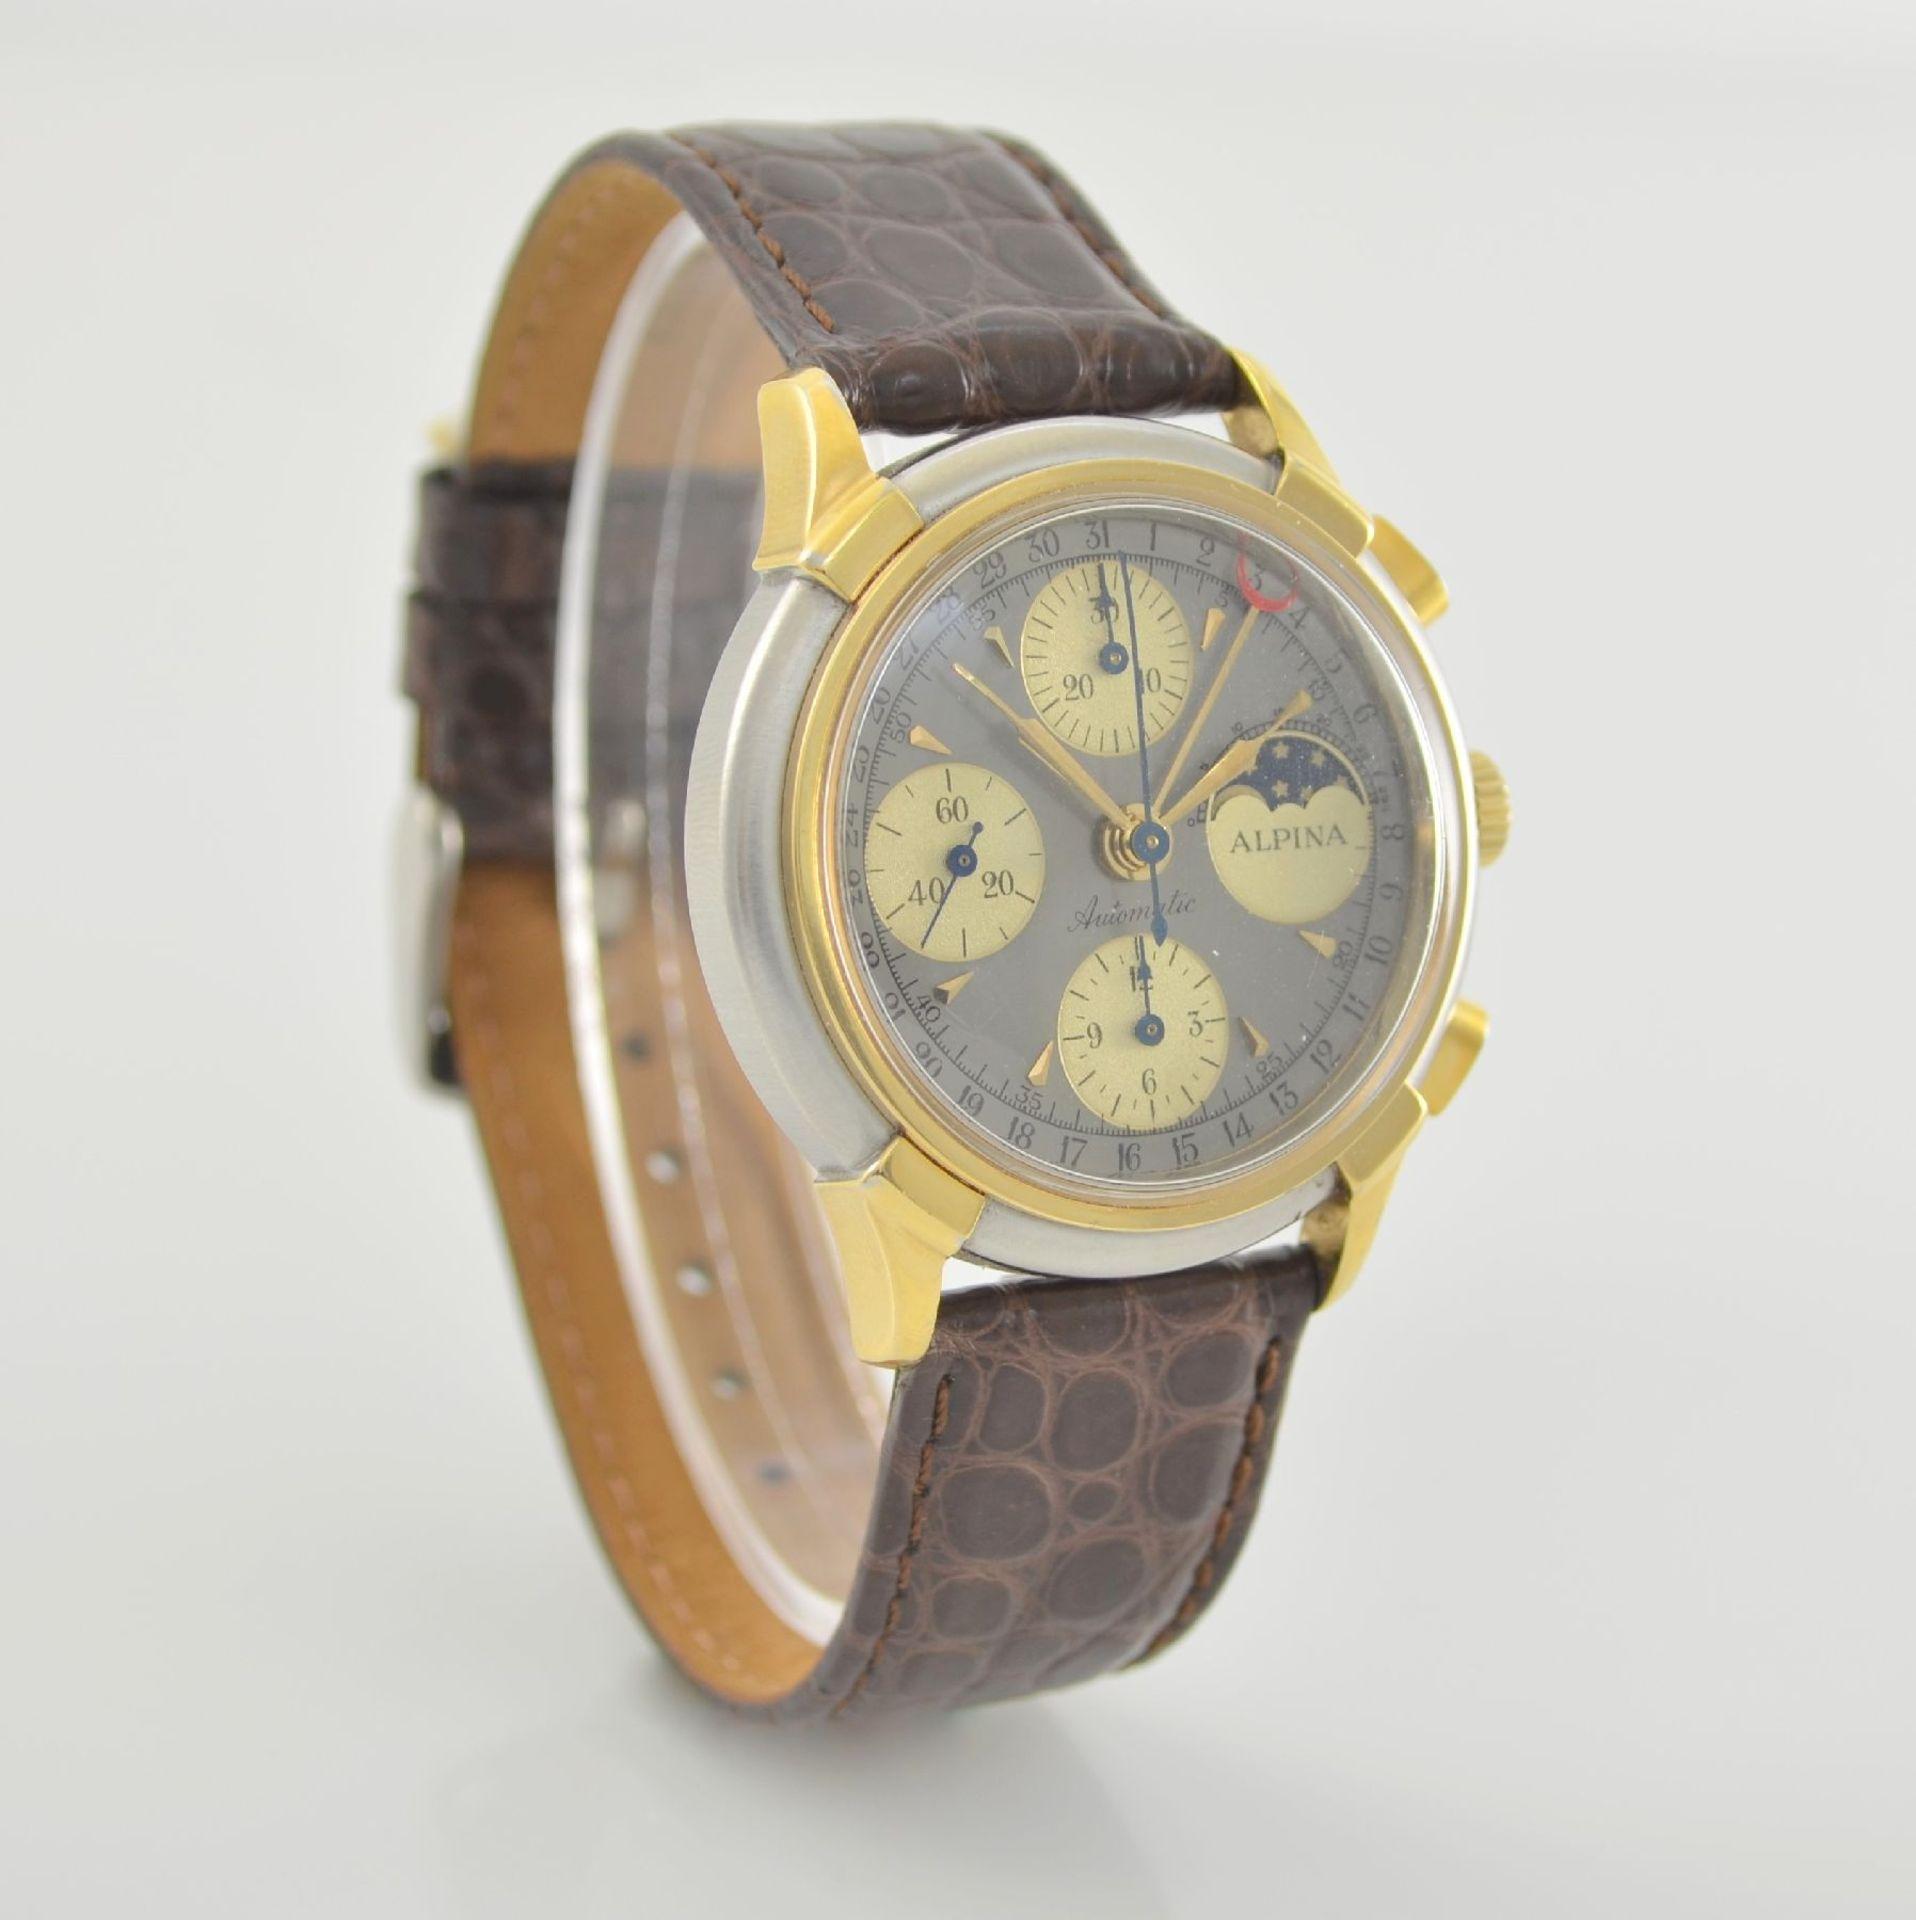 ALPINA Armbandchronograph mit Mondphase & Datum, Schweiz um 1990, Gehäuse in Edelstahl/Gold, Boden - Bild 4 aus 7